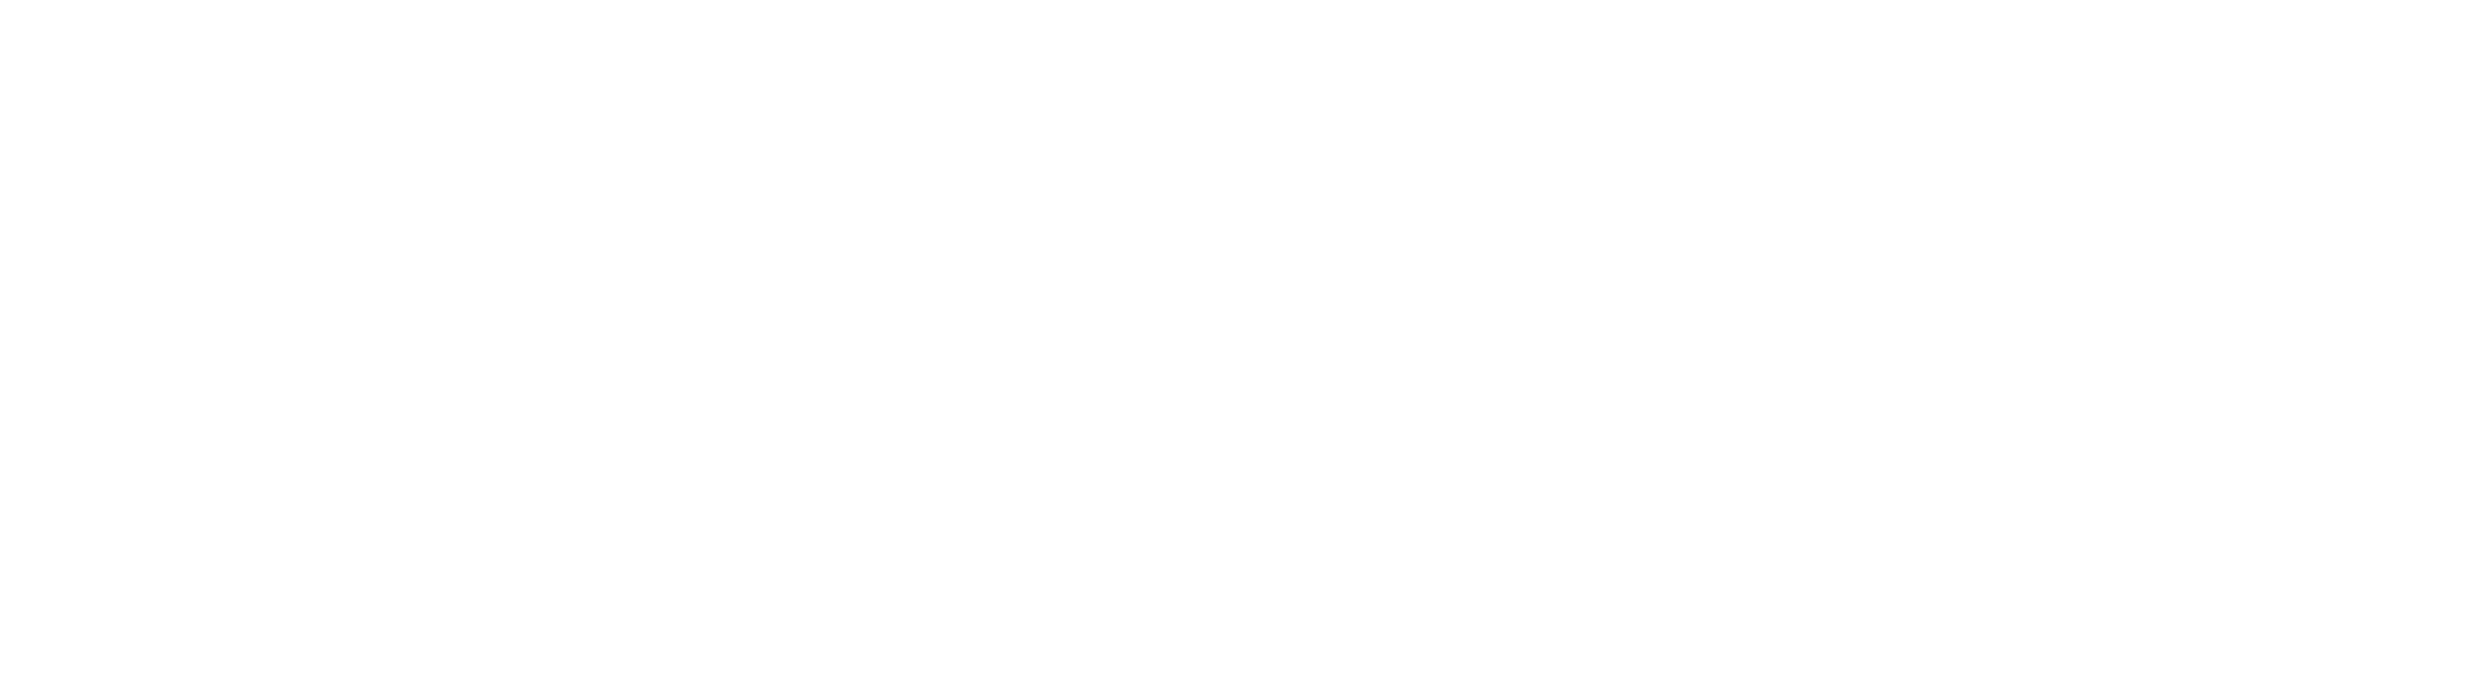 hannoun_logo-01